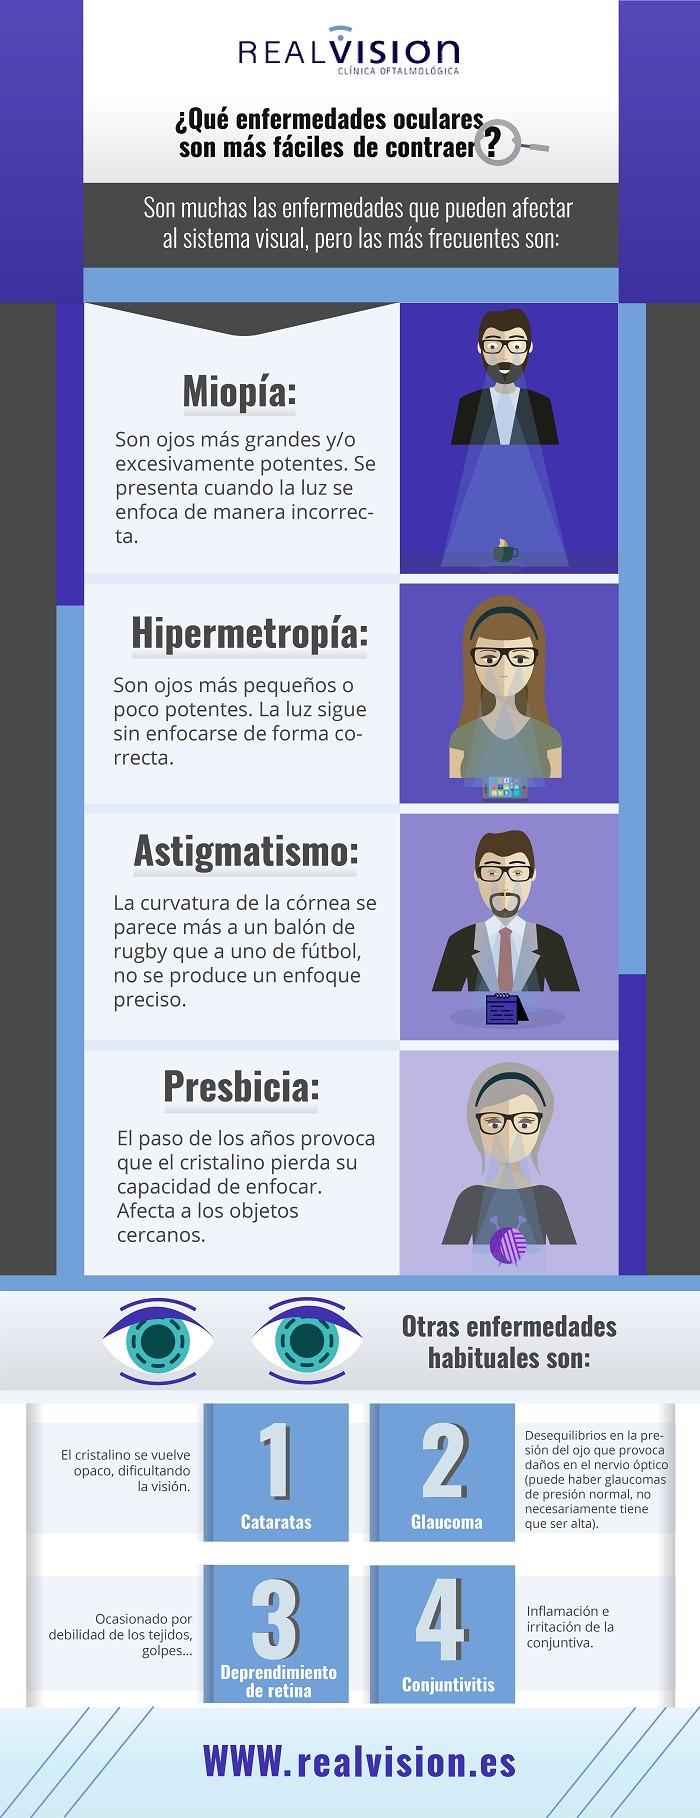 clínica oftalmológica madrid patologías frecuentes